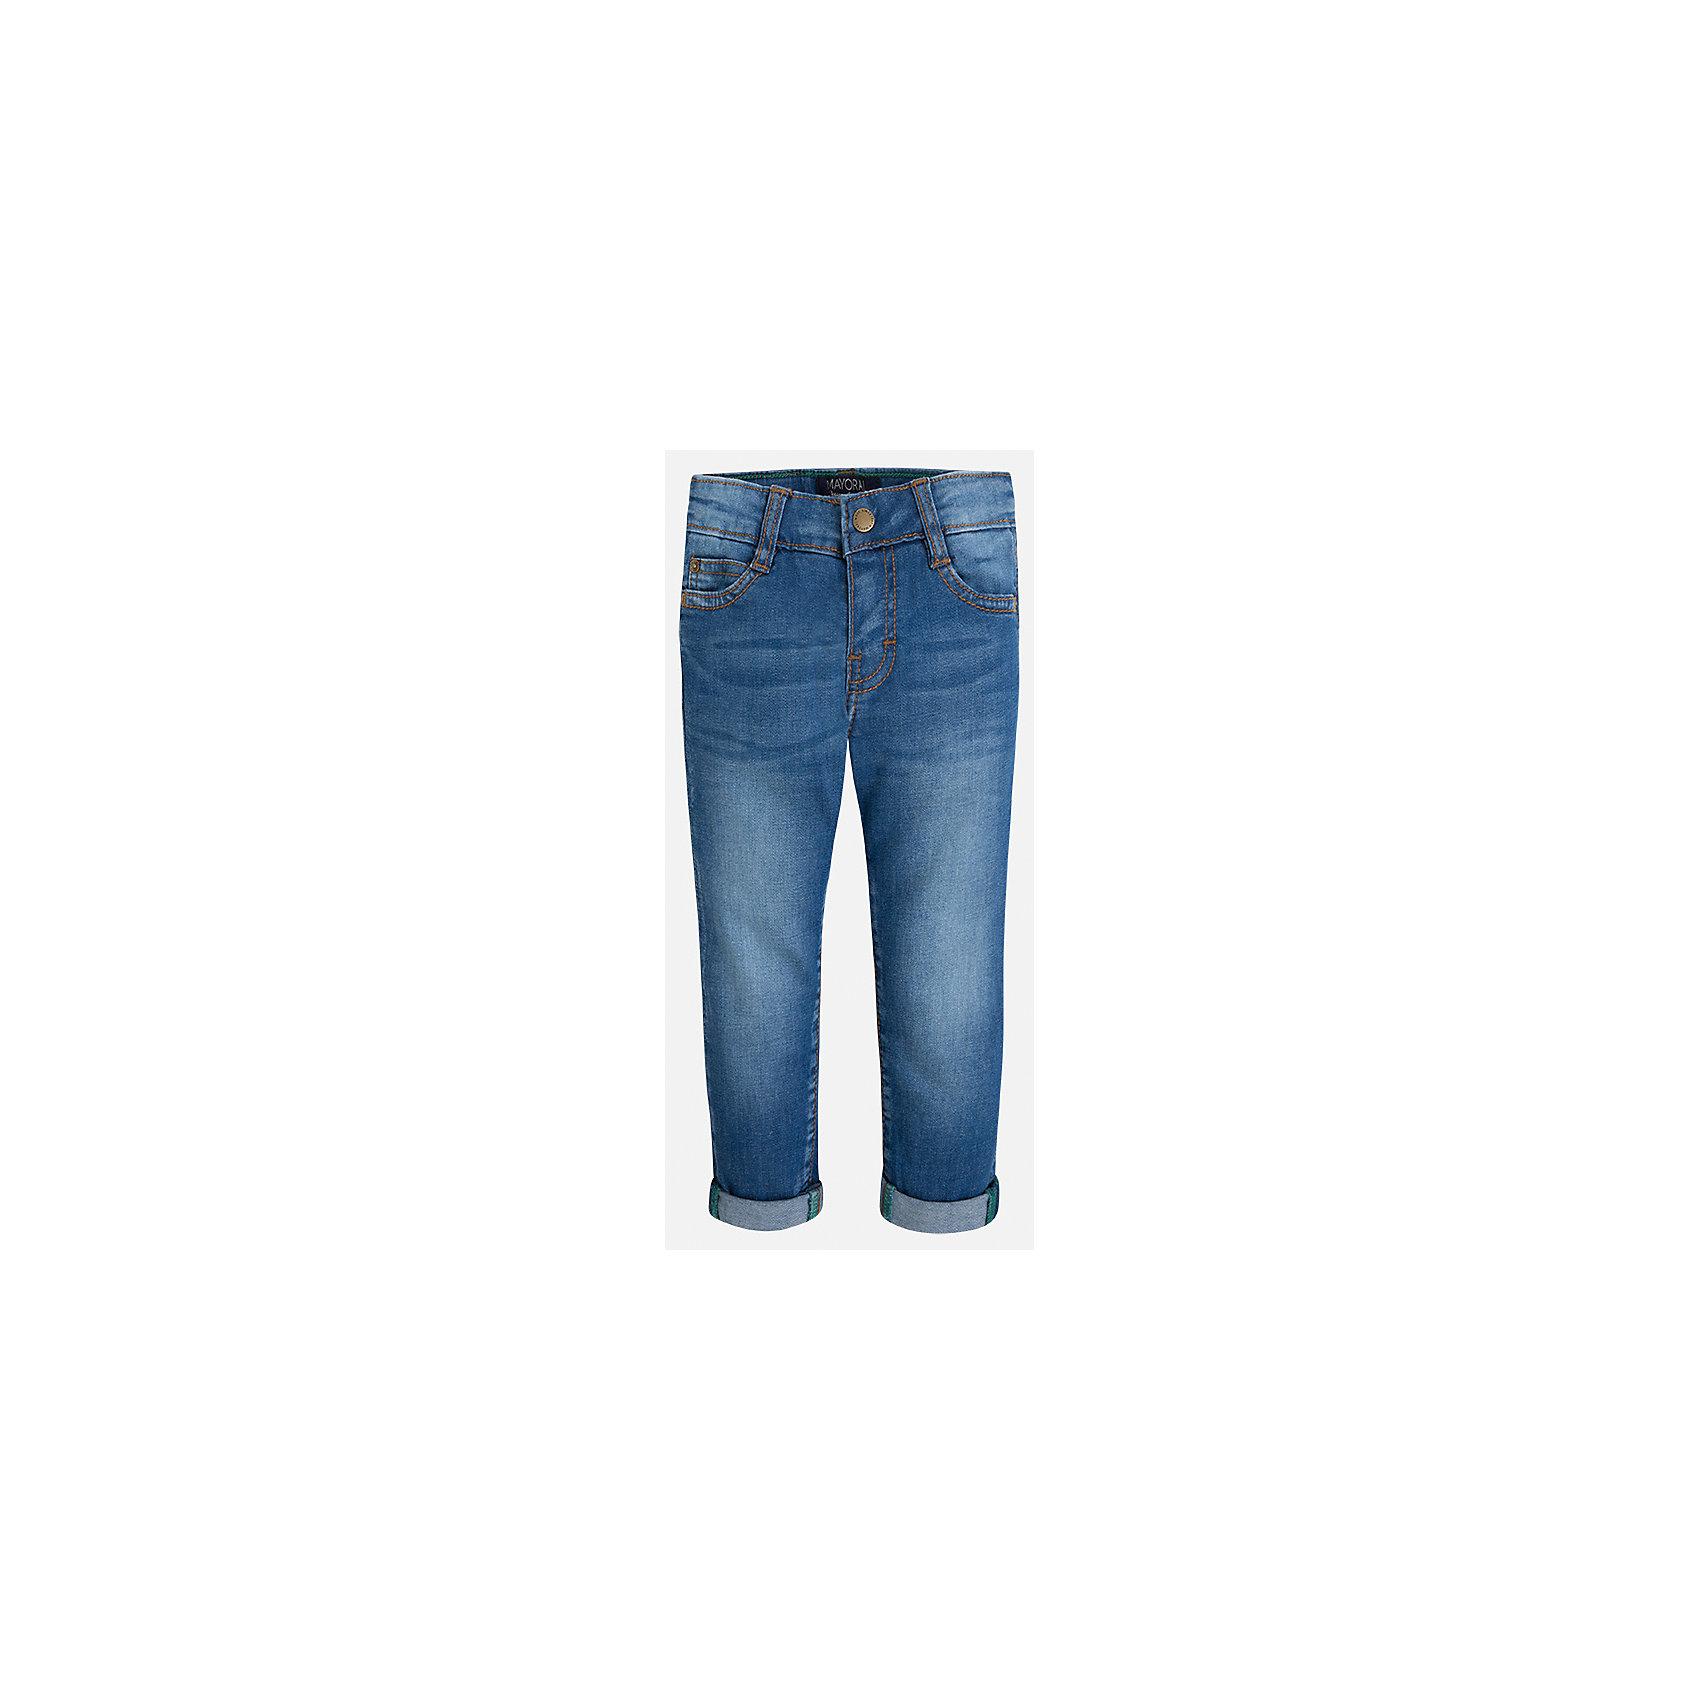 Джинсы для мальчика MayoralДжинсовая одежда<br>Характеристики товара:<br><br>• цвет: синий<br>• состав: 97% хлопок, 3% эластан<br>• имитация потертости<br>• шлевки<br>• карманы<br>• отвороты<br>• классический силуэт<br>• страна бренда: Испания<br><br>Модные брюки для мальчика смогут стать базовой вещью в гардеробе ребенка. Они отлично сочетаются с майками, футболками, рубашками и т.д. Универсальный крой и цвет позволяет подобрать к вещи верх разных расцветок. Практичное и стильное изделие! В составе материала - натуральный хлопок, гипоаллергенный, приятный на ощупь, дышащий.<br><br>Одежда, обувь и аксессуары от испанского бренда Mayoral полюбились детям и взрослым по всему миру. Модели этой марки - стильные и удобные. Для их производства используются только безопасные, качественные материалы и фурнитура. Порадуйте ребенка модными и красивыми вещами от Mayoral! <br><br>Брюки для мальчика от испанского бренда Mayoral (Майорал) можно купить в нашем интернет-магазине.<br><br>Ширина мм: 215<br>Глубина мм: 88<br>Высота мм: 191<br>Вес г: 336<br>Цвет: синий<br>Возраст от месяцев: 18<br>Возраст до месяцев: 24<br>Пол: Мужской<br>Возраст: Детский<br>Размер: 92,134,128,122,116,110,104,98<br>SKU: 5278098